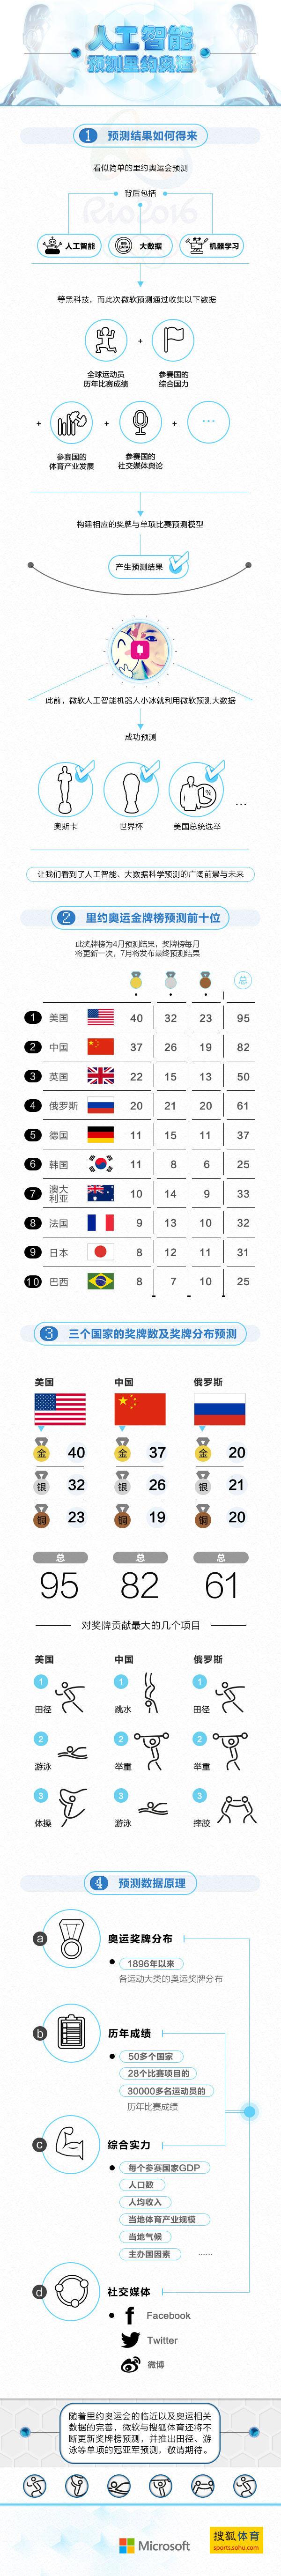 人工智能预测里约奥运